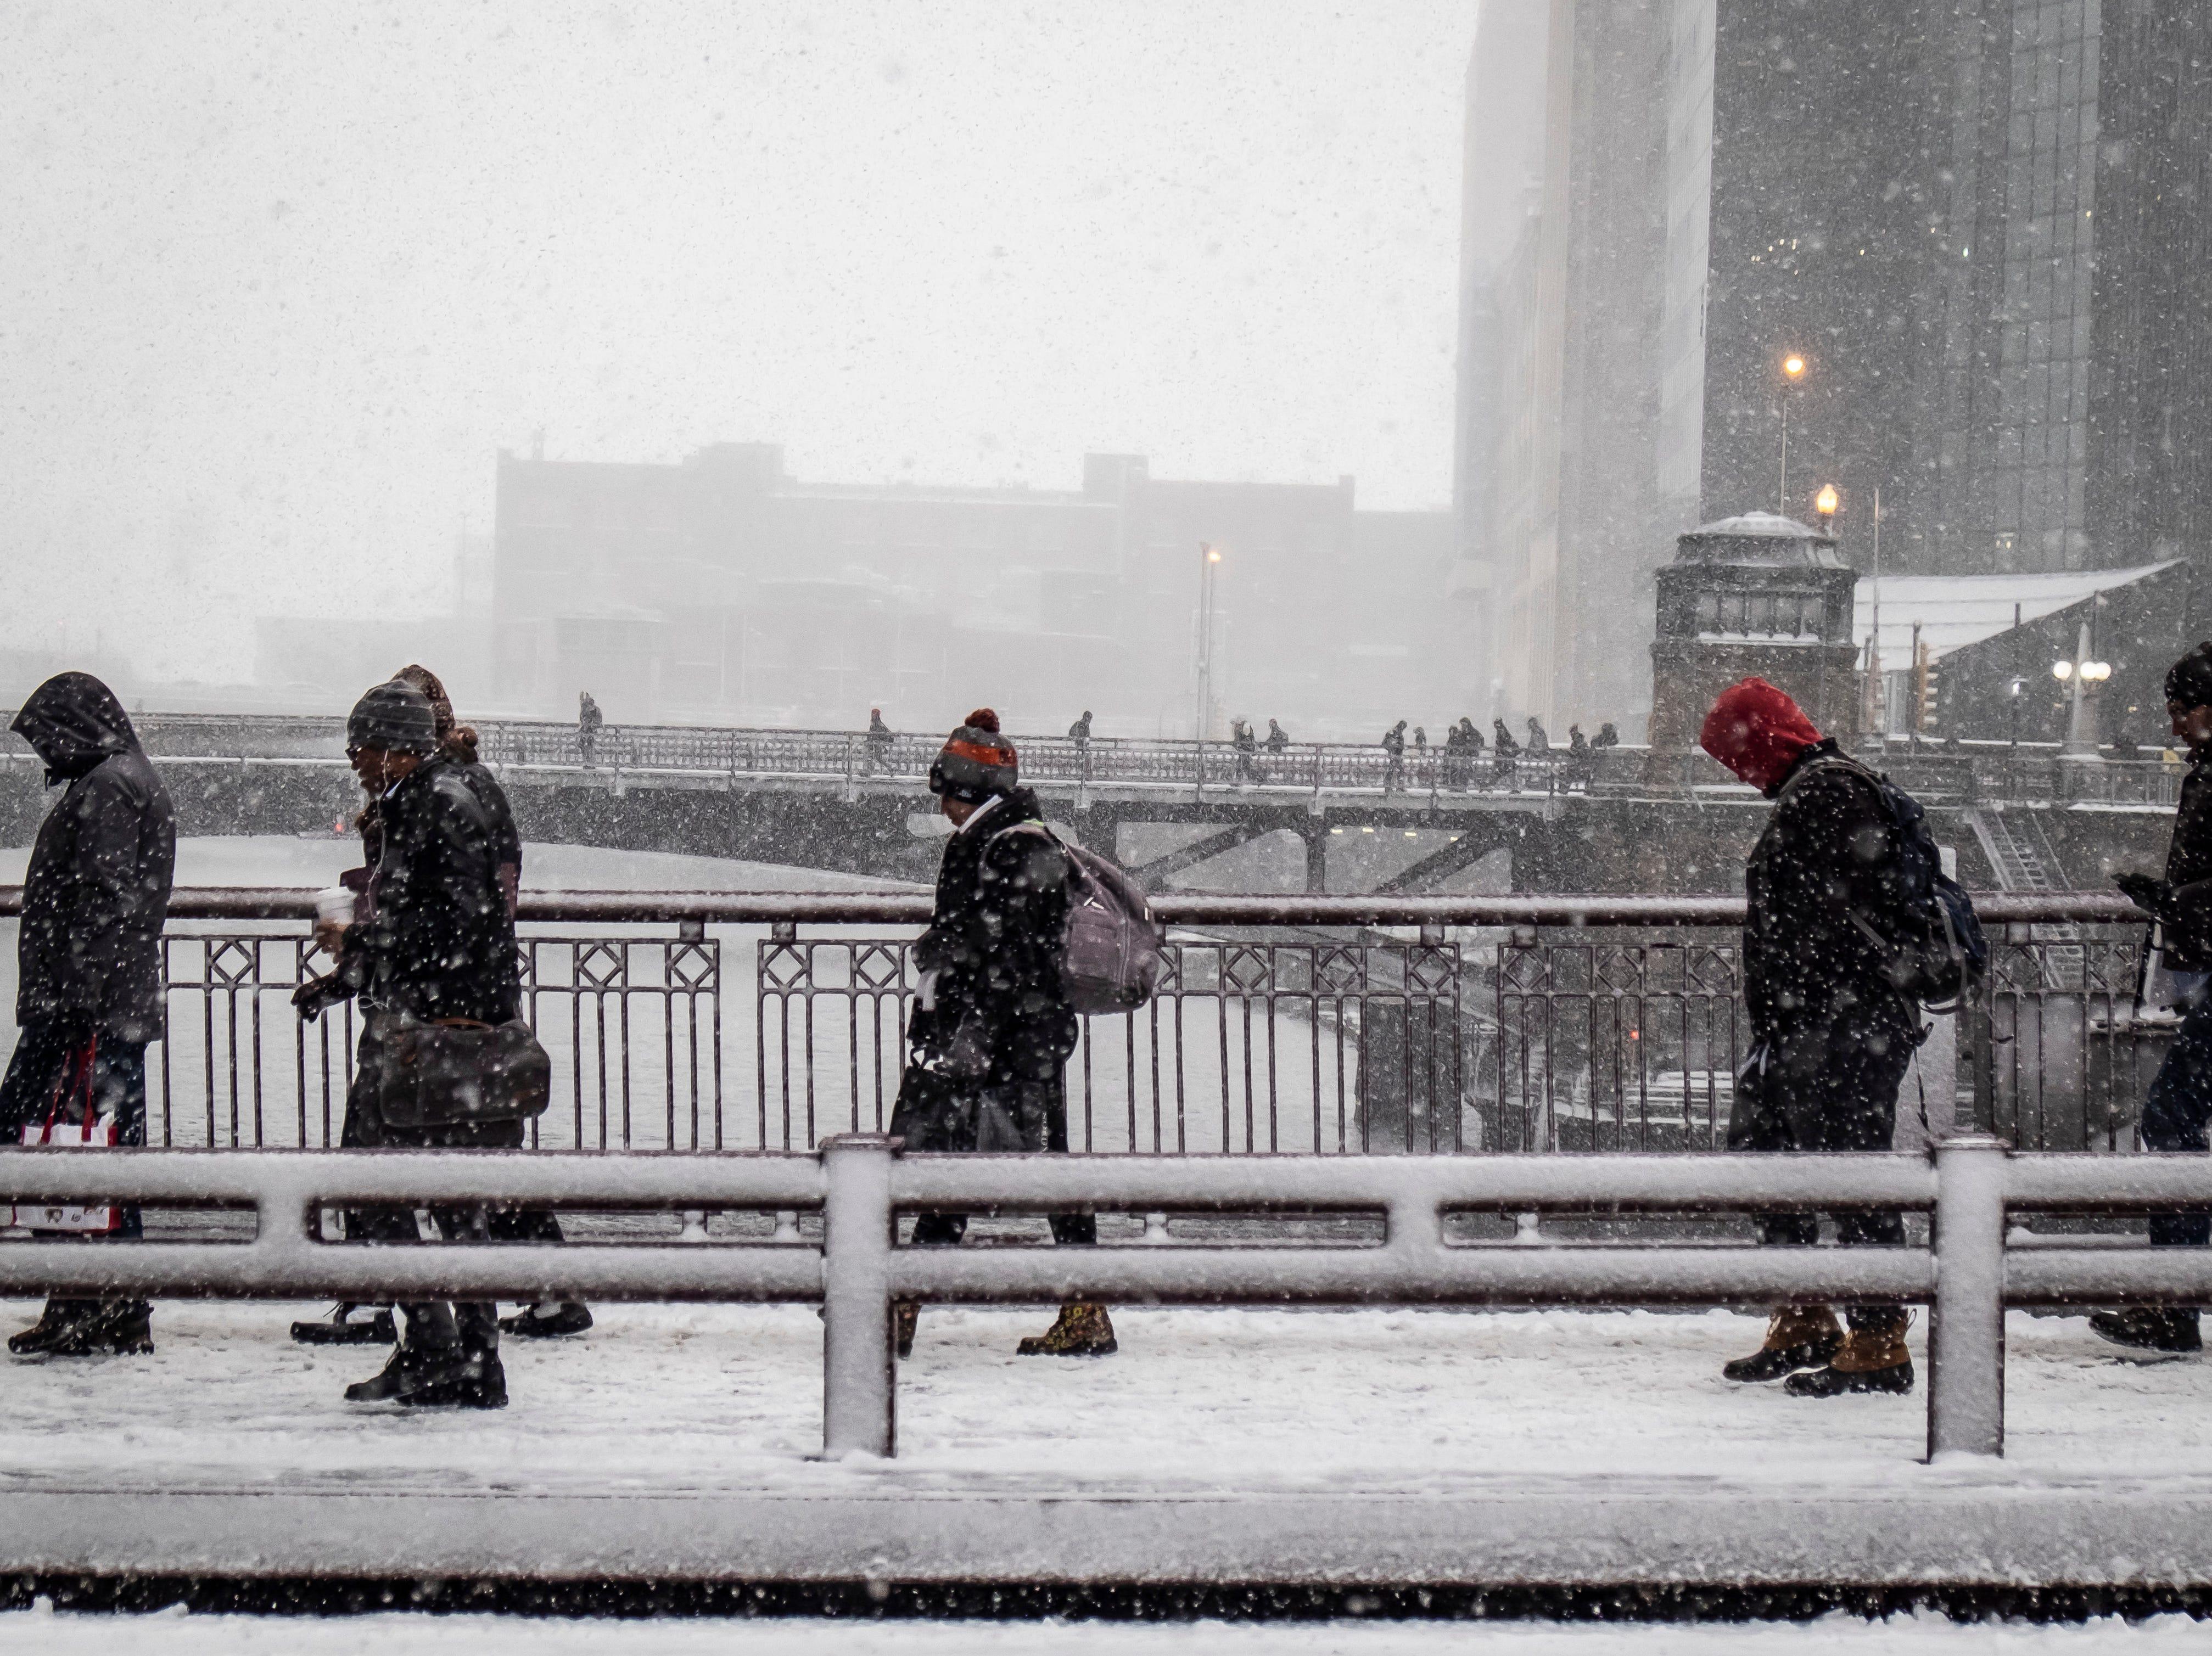 Residentes cruzan el río Chicago en la calle Adams, en Chicago el 26 de noviembre de 2018. Una tempestad invernal trajo condiciones de tormenta de nieve a partes del Medio Oeste el lunes temprano, aterrizando cientos de vuelos y causando un caos en el tráfico mientras los viajeros regresaban al trabajo después del fin de semana de Acción de Gracias.